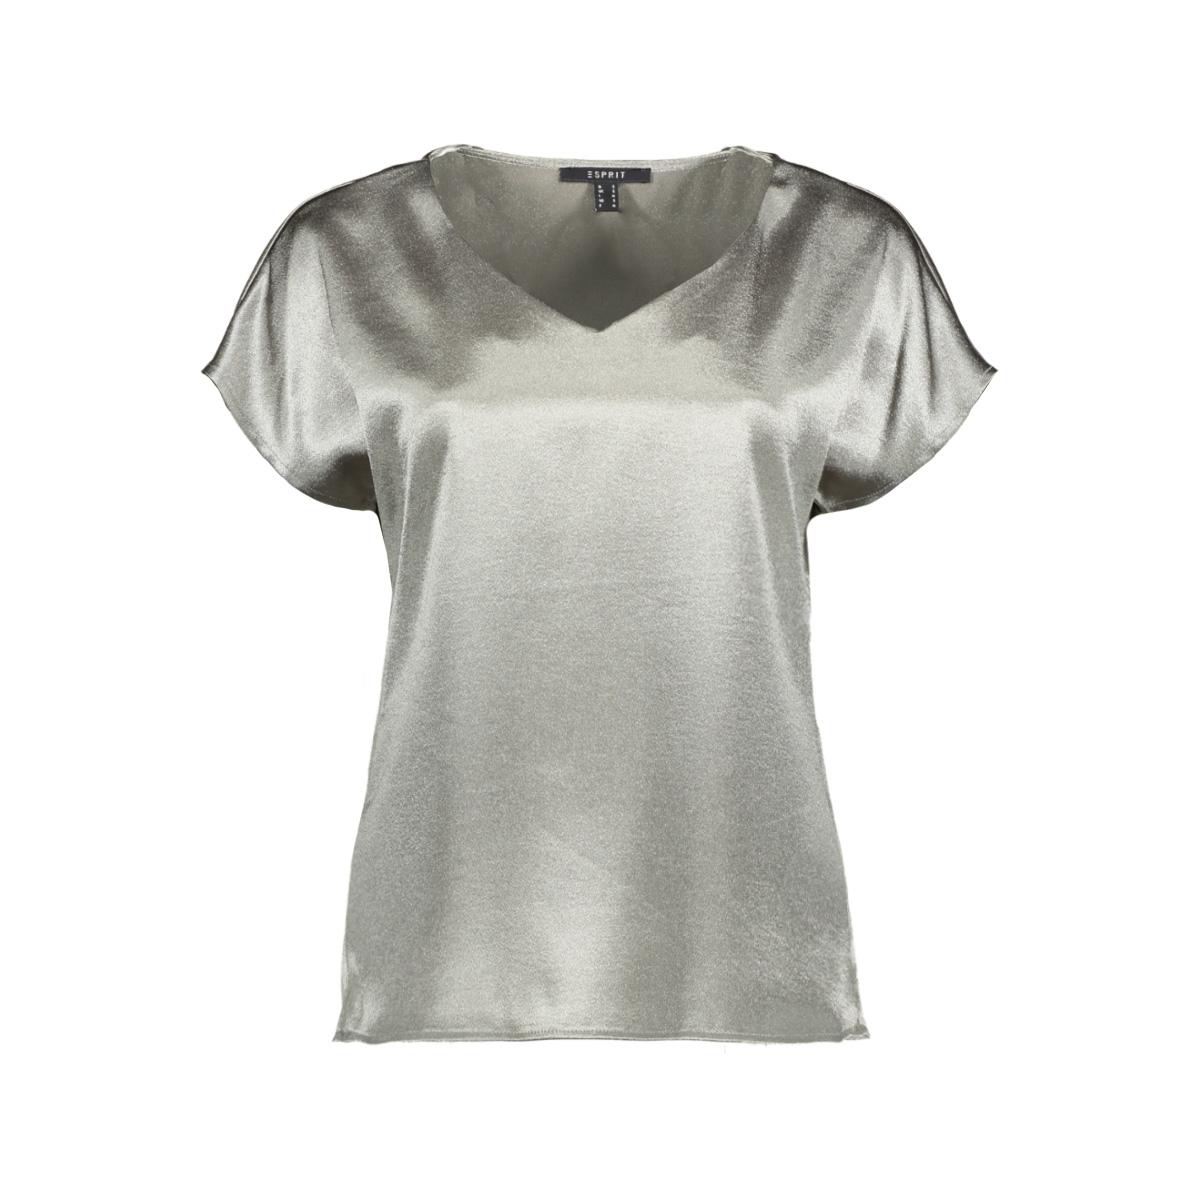 128eo1f002 esprit collection t-shirt e090